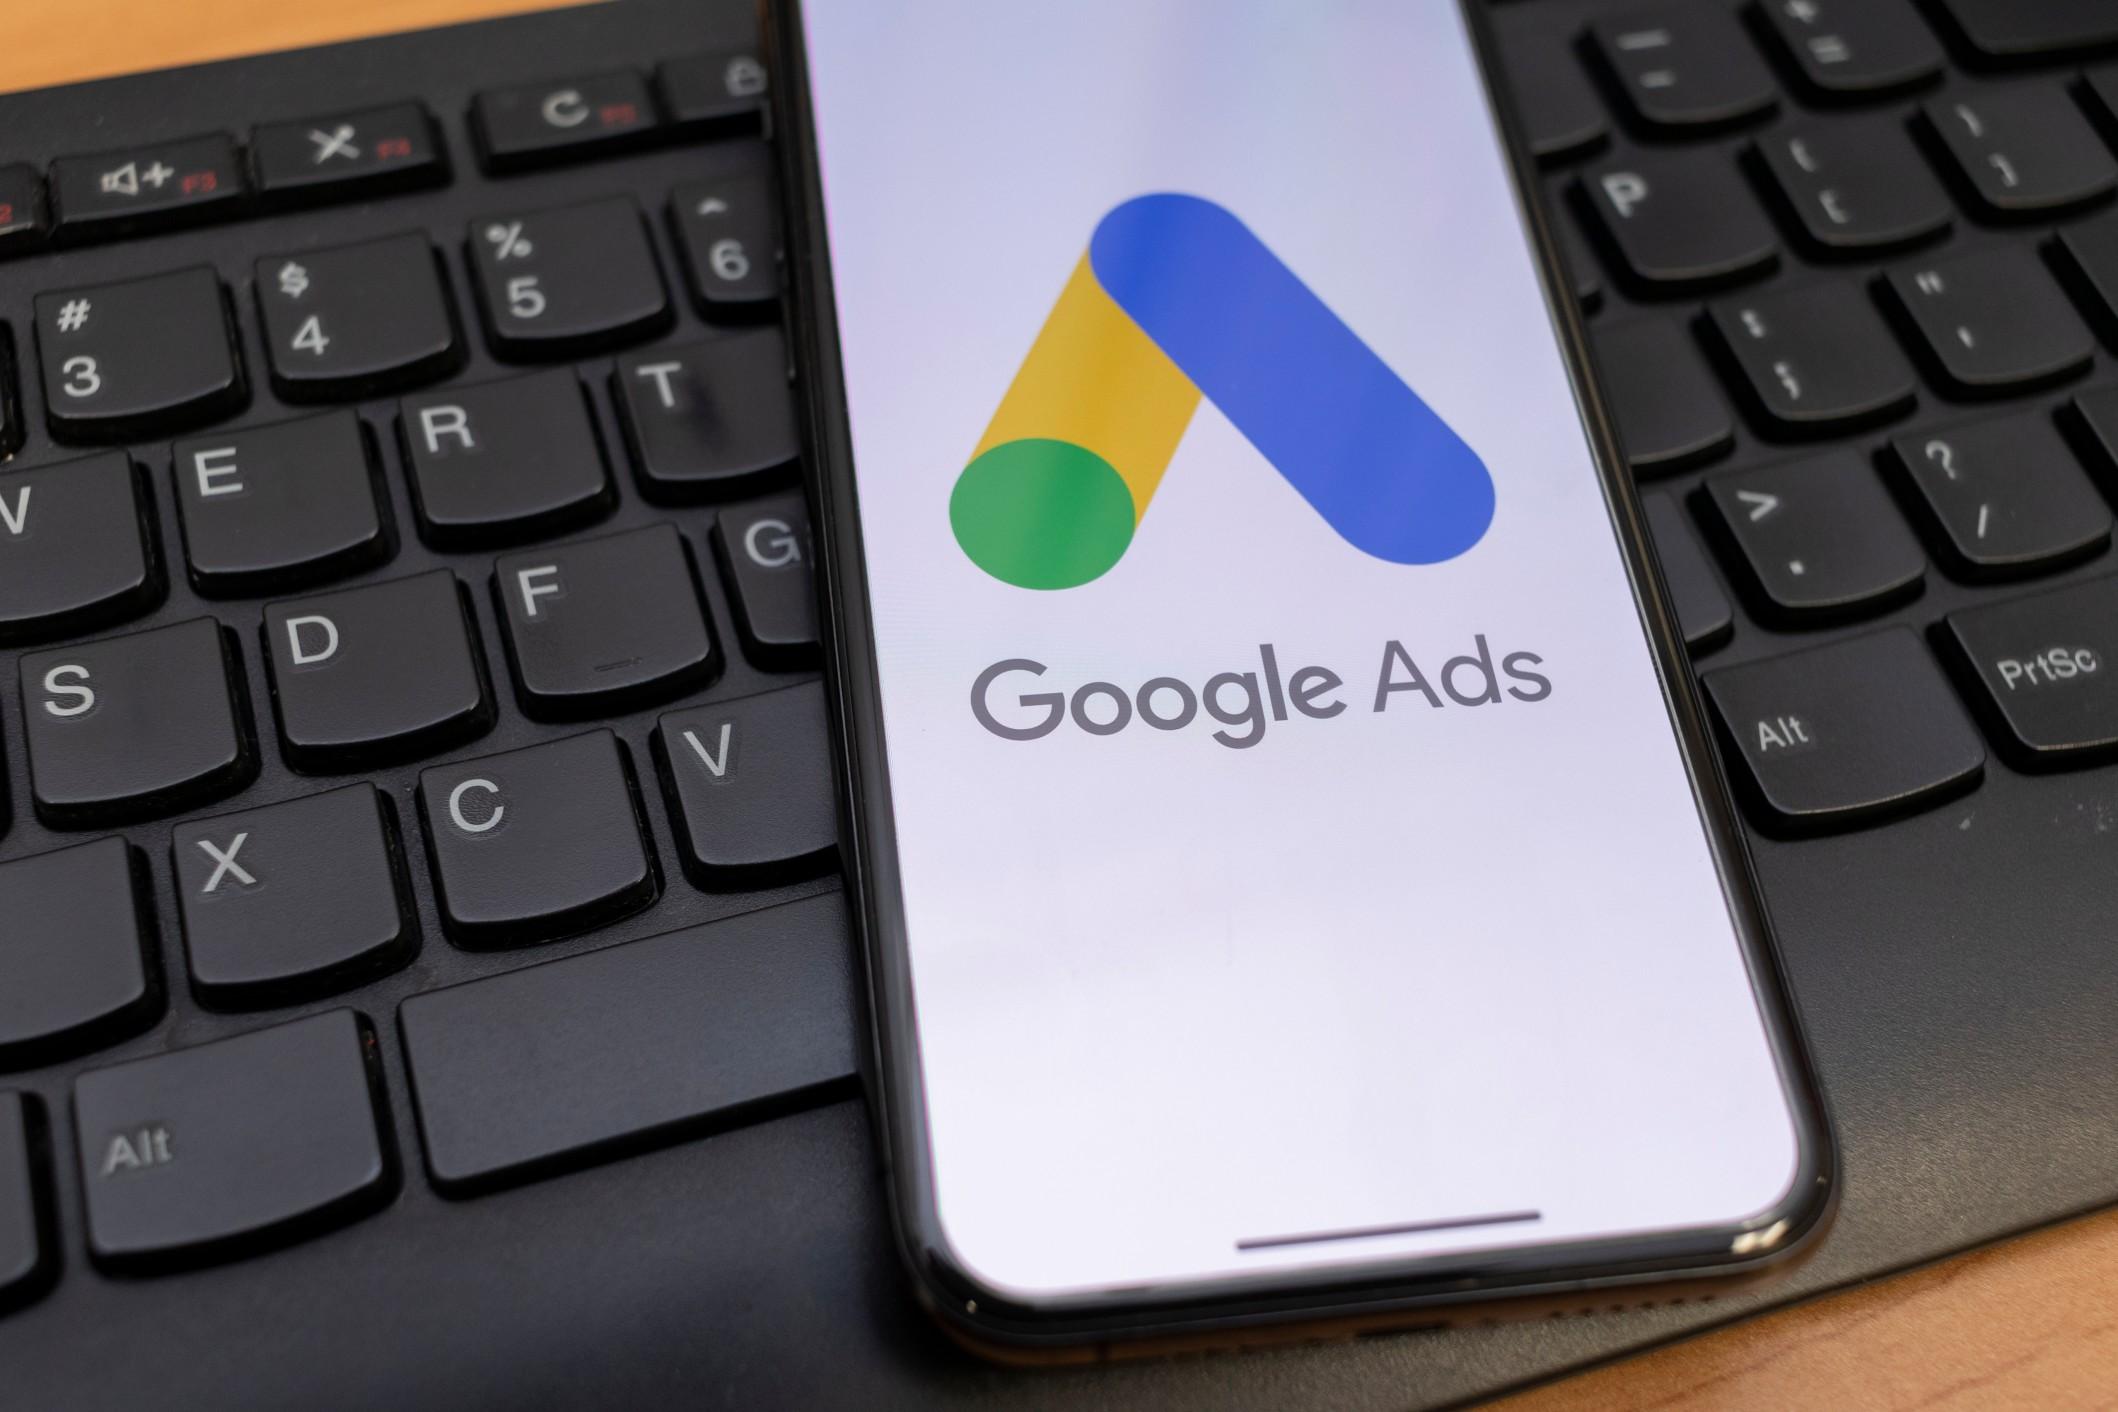 """Google Ads abbandonerà presto il """"pay per click"""" a favore di un costo di conversione stabilito dall'intelligenza artificiale"""